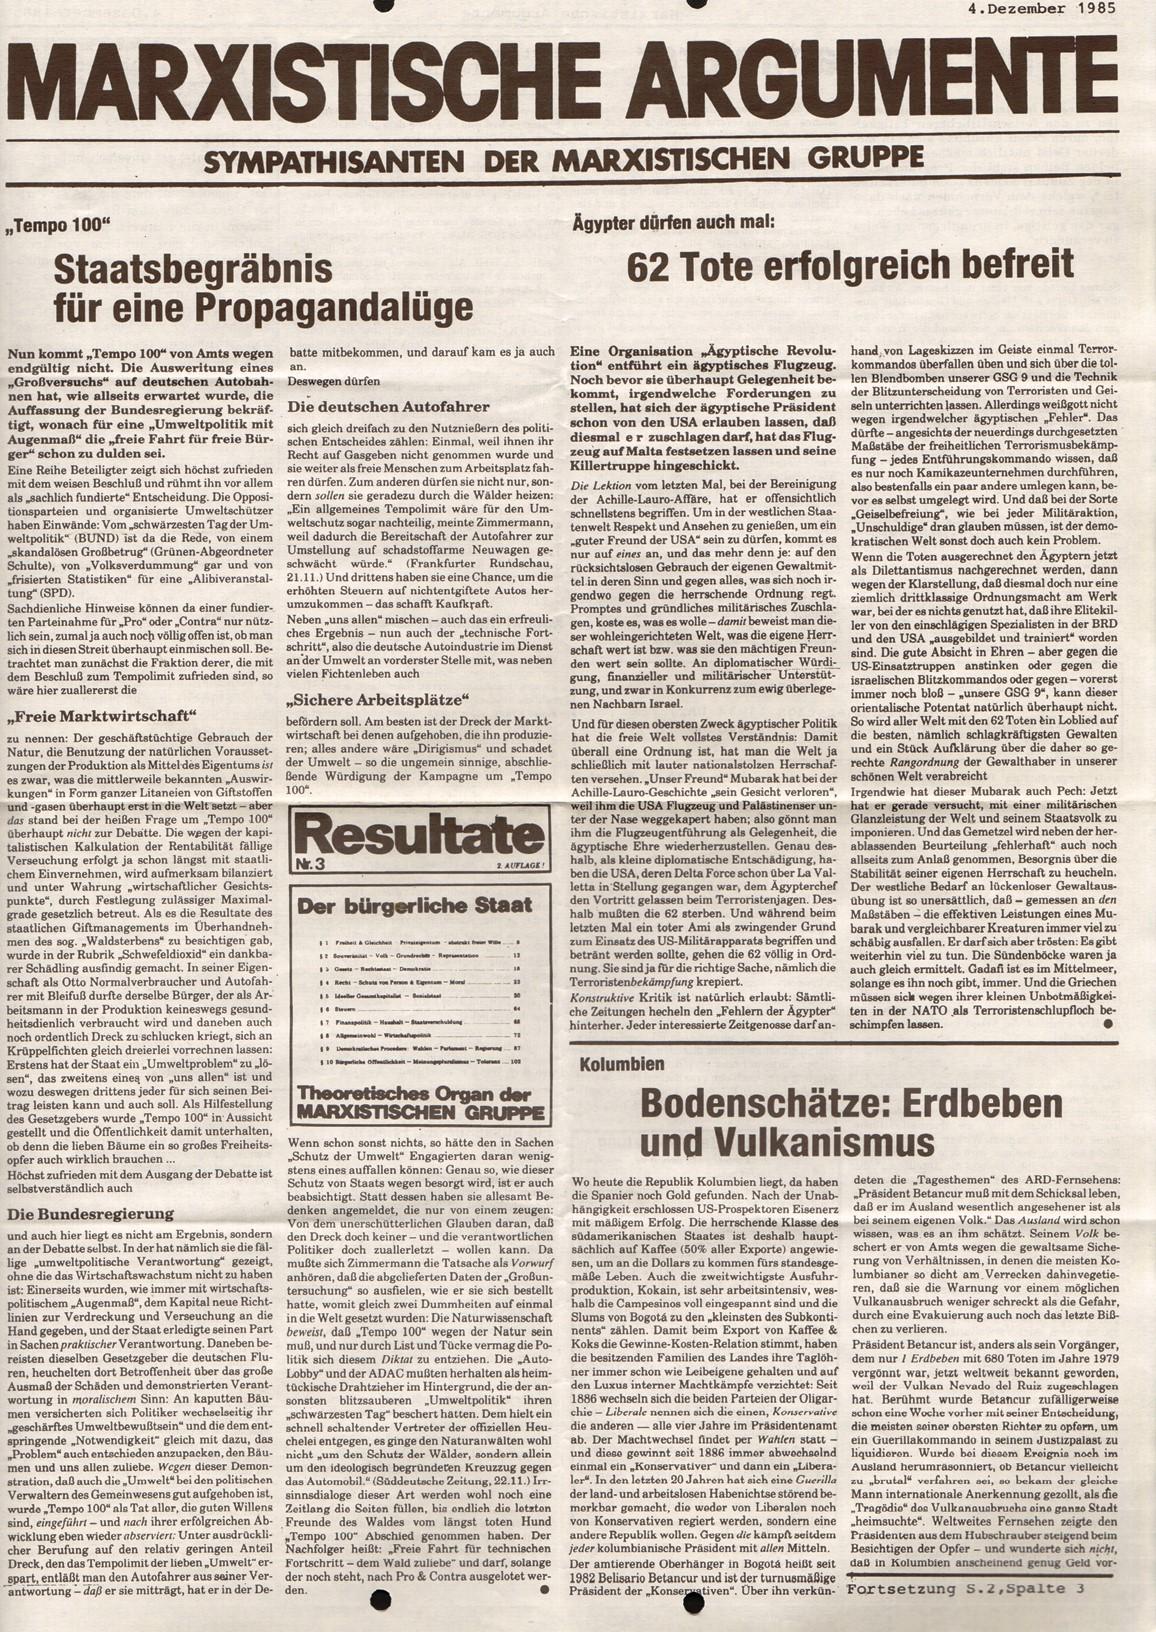 Berlin_MG_Symp_Argumente_19851204_01